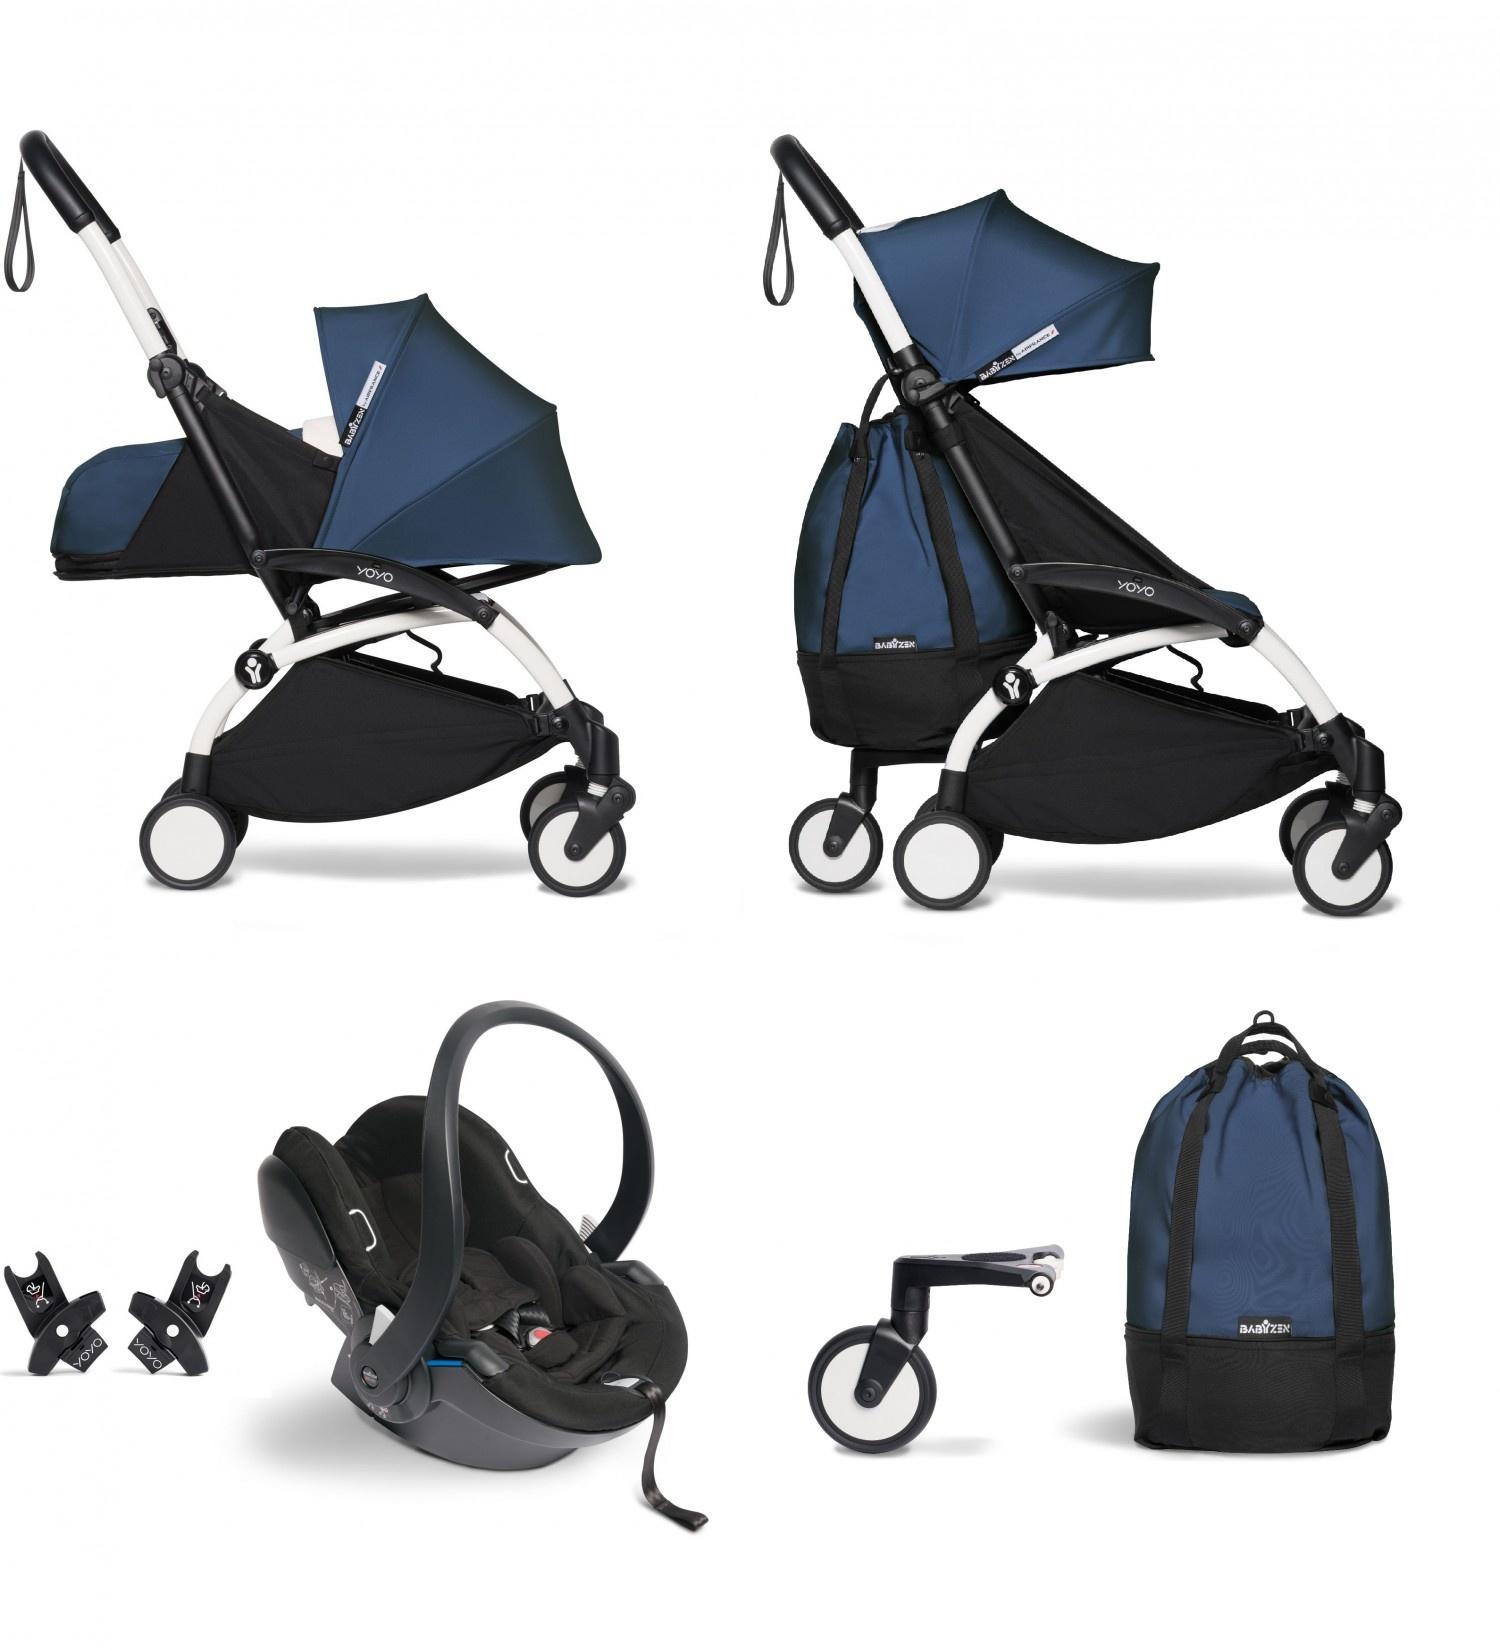 Babyzen Babyzen YOYO² buggy COMPLEET vanaf de geboorte inclusief YOYO² BeSafe autostoel zwart  en YOYO Bag -  AirFrance met frame wit